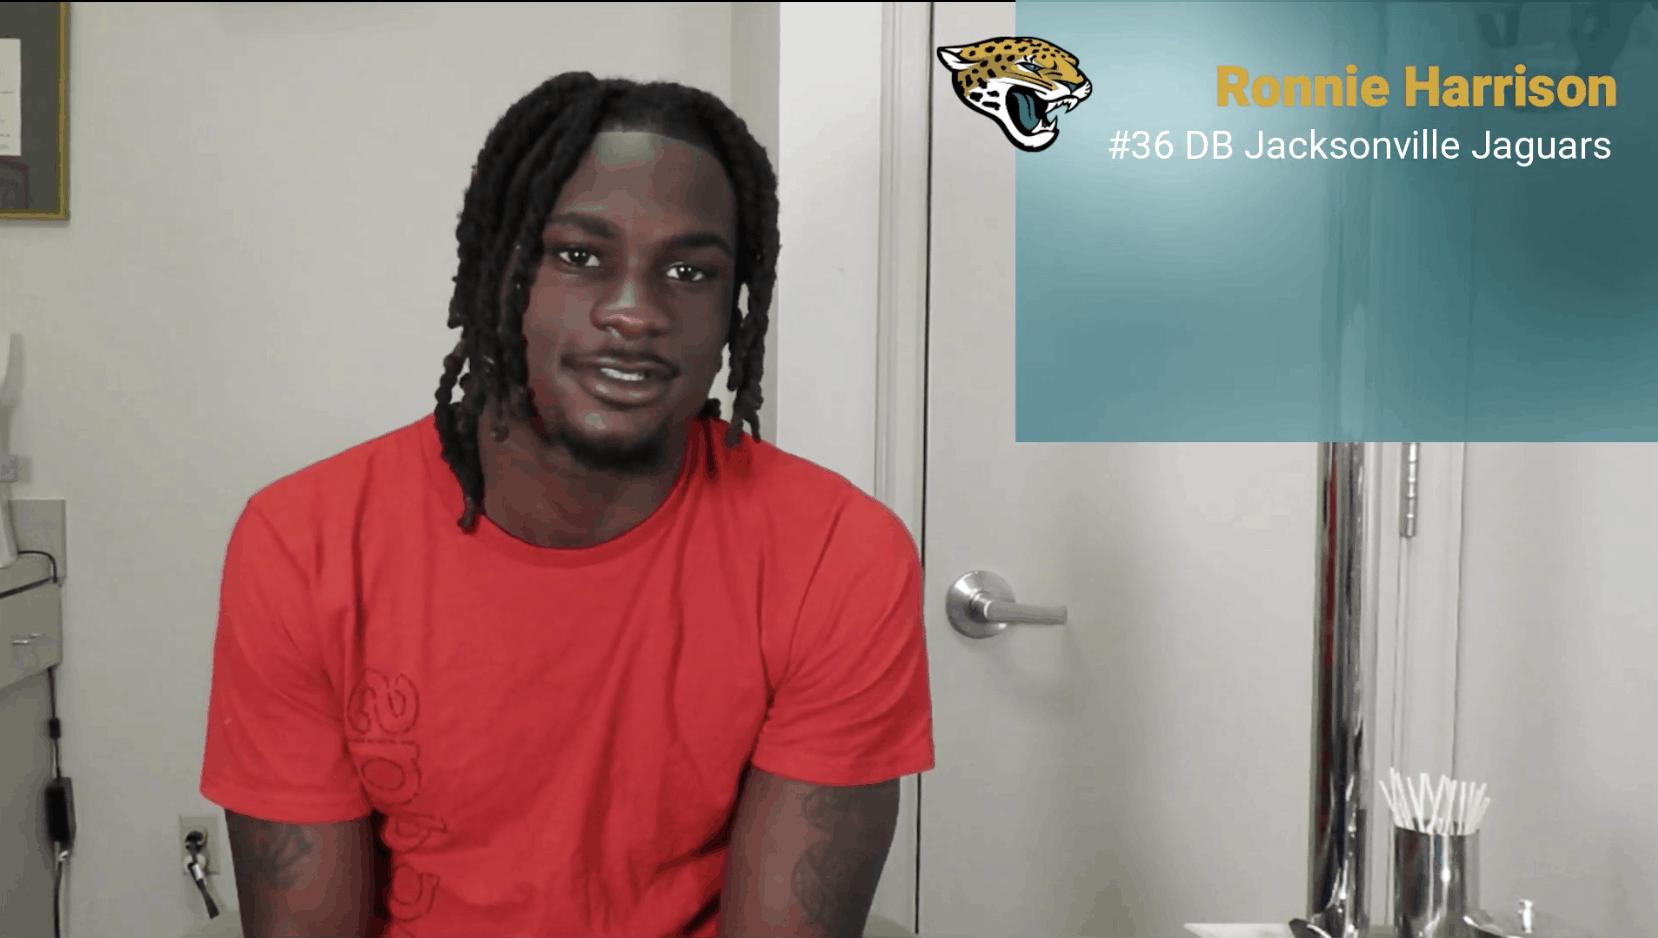 Jacksonville Jaguars' Ronnie Harrison LASIK Testimonial